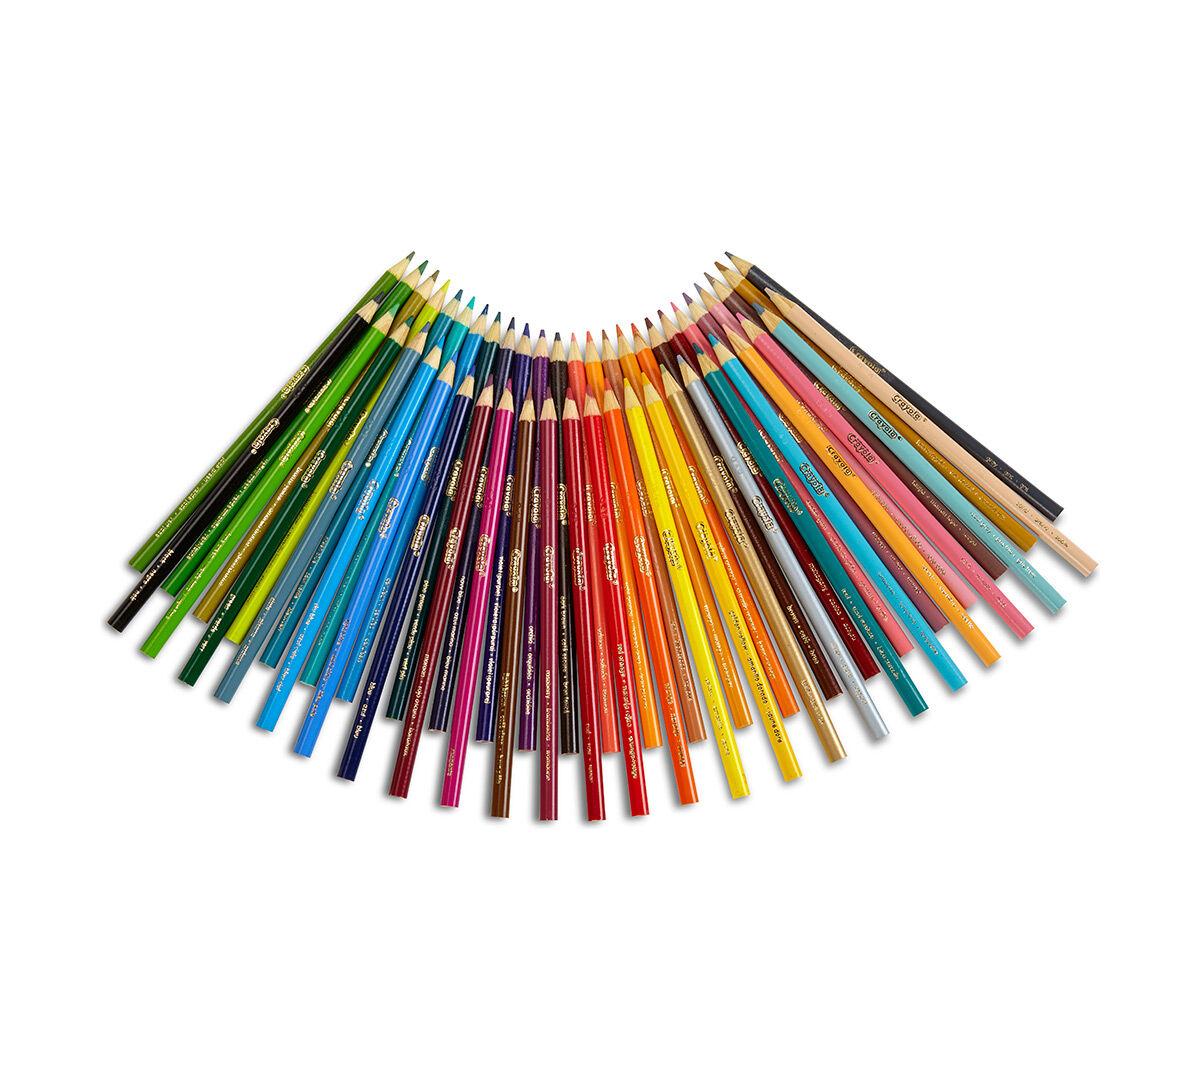 50 Ct Colored Pencils Long Crayola